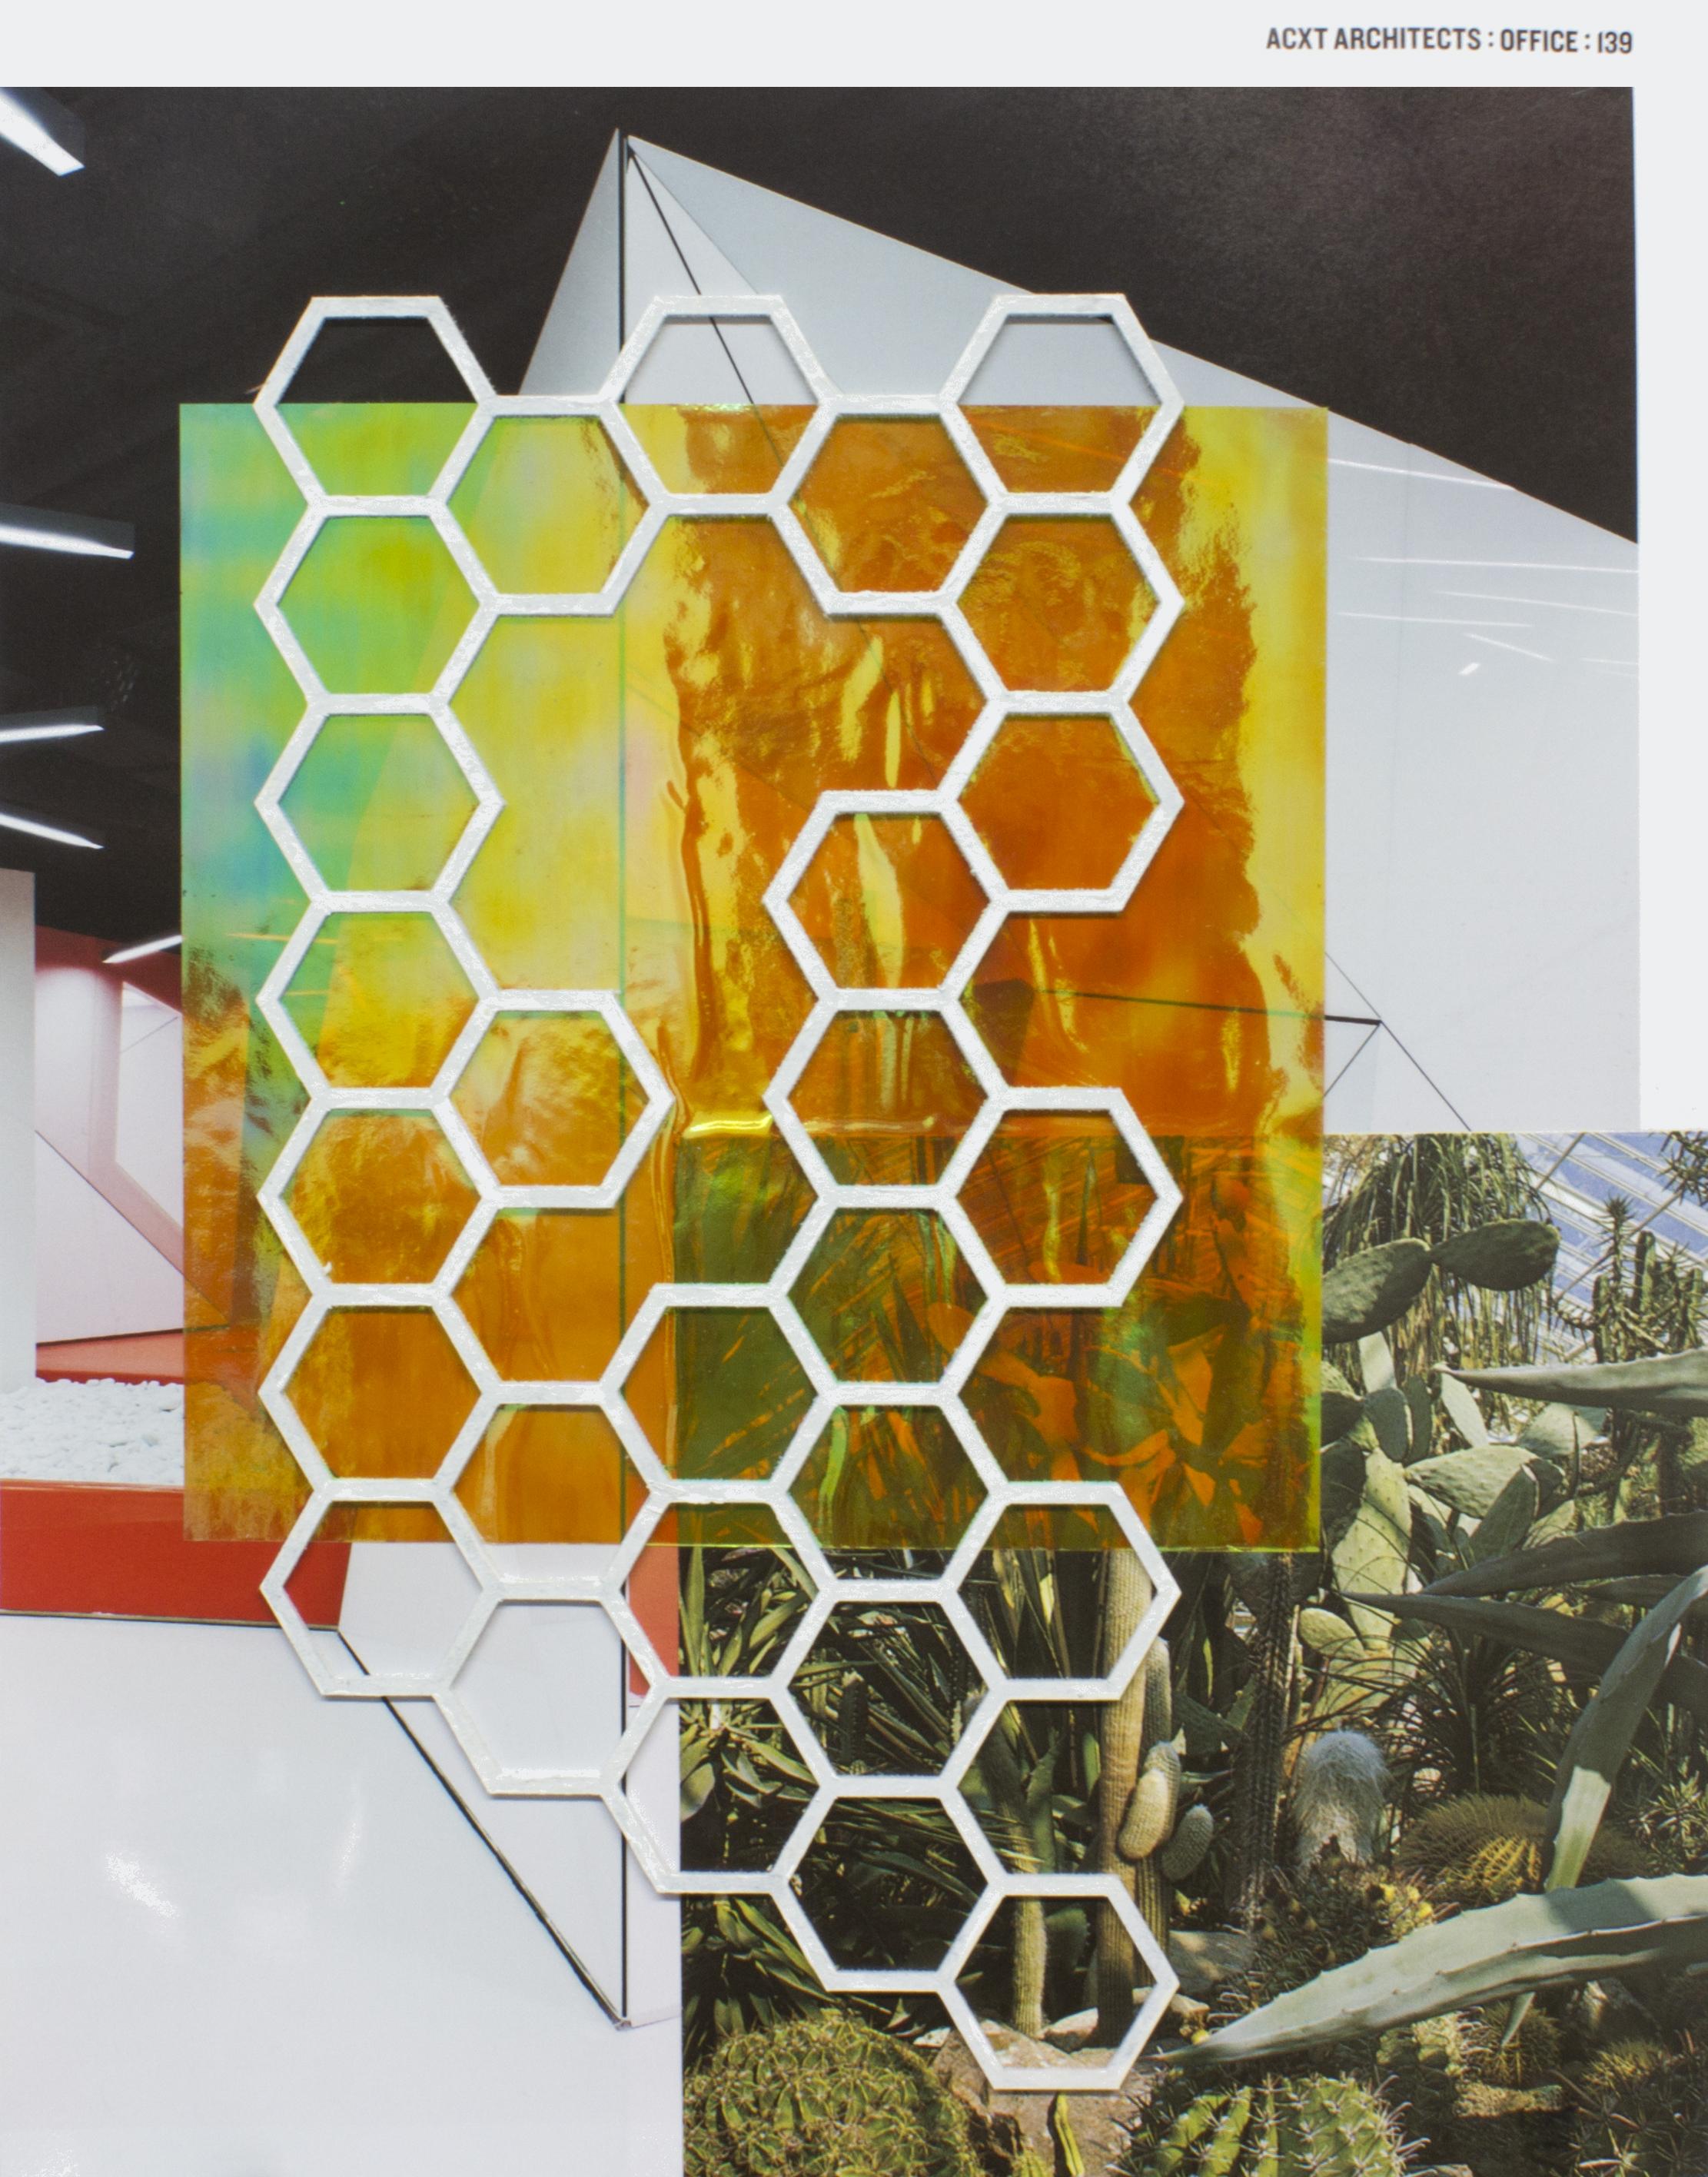 """Philippe Caron-Lefebvre,  Joug Mimétique , 2016, carton, images trouvées, papier irisé, 38 x 34 cm (15"""" x 13"""")"""